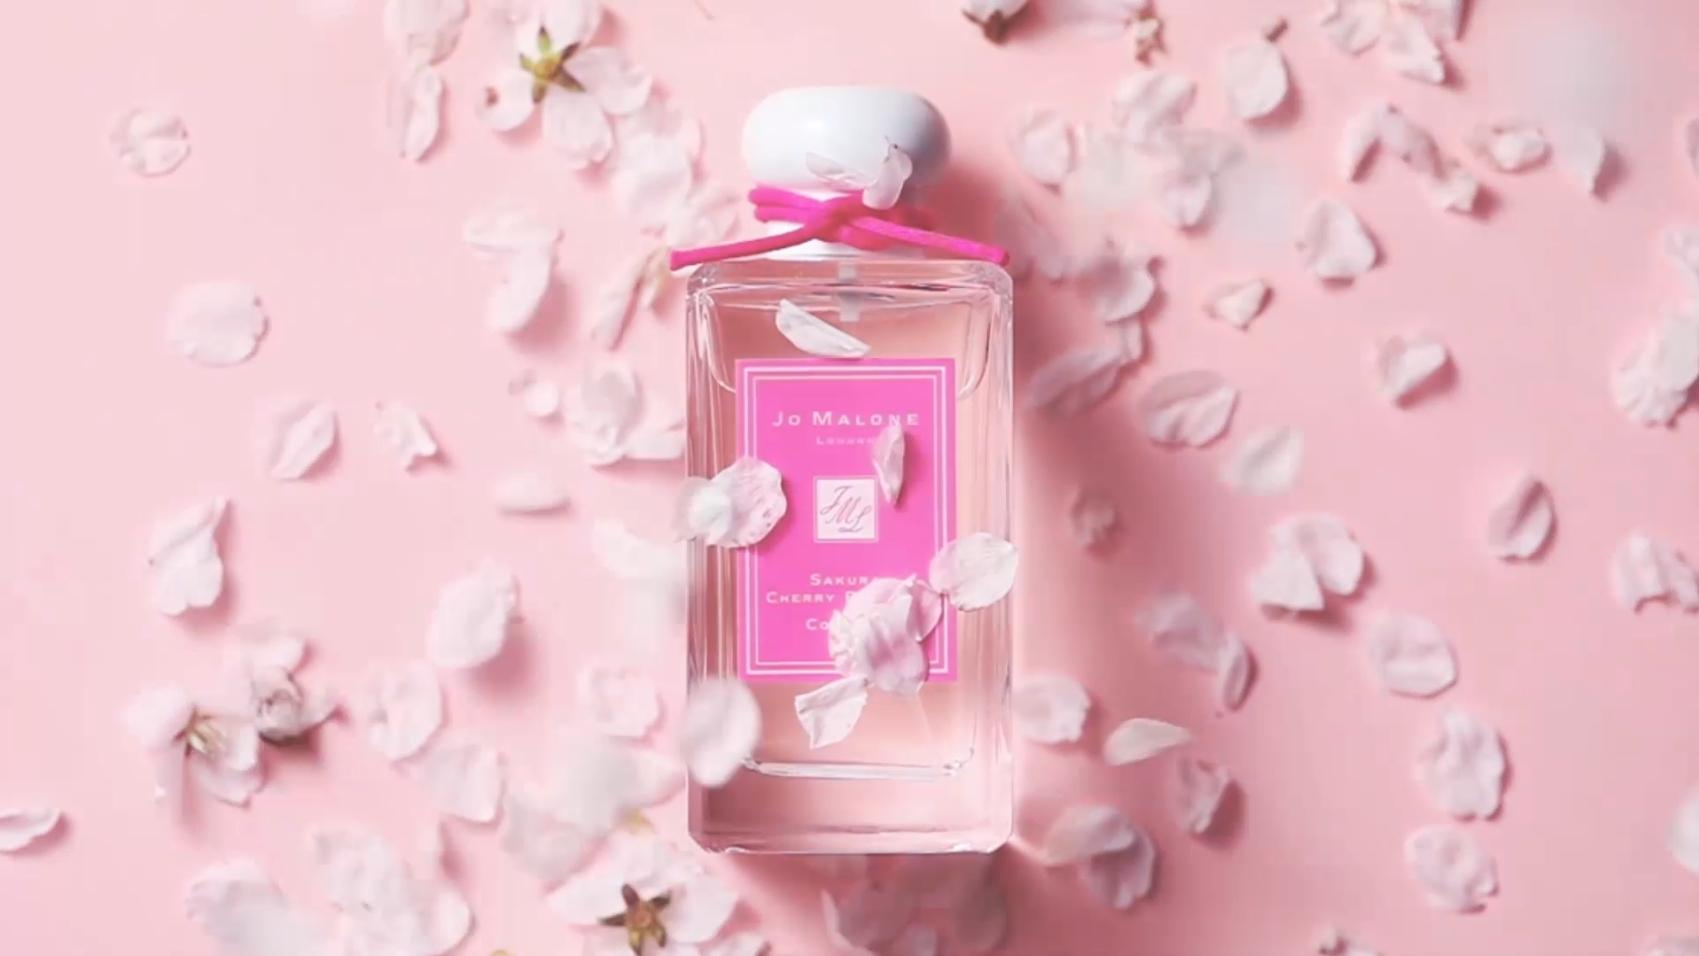 매년 꽃의 향기로 봄 소식을 알리는 조 말론 런던의 블로썸 컬렉션. 올해에는 그 동안 블로썸 컬렉션 중 가장 많은 사랑을 받았던 세 가지 향이 새로운 패키지를 입고 '블로썸 걸즈 컬렉션' 리미티드로 돌아왔습니다. 새하얀 배꽃 향을 품은 유쾌한 나시 블로썸, 활짝 피어난 연분홍빛 자두꽃을 담은 플럼 블로썸, 여성미가 가득한 수줍은 벚꽃향의 사쿠라 체리 블로썸까지! 지난 블로썸 시즌, 완판됐던 향을 다시 만나볼 수 있는 기회니 놓치지 마세요!